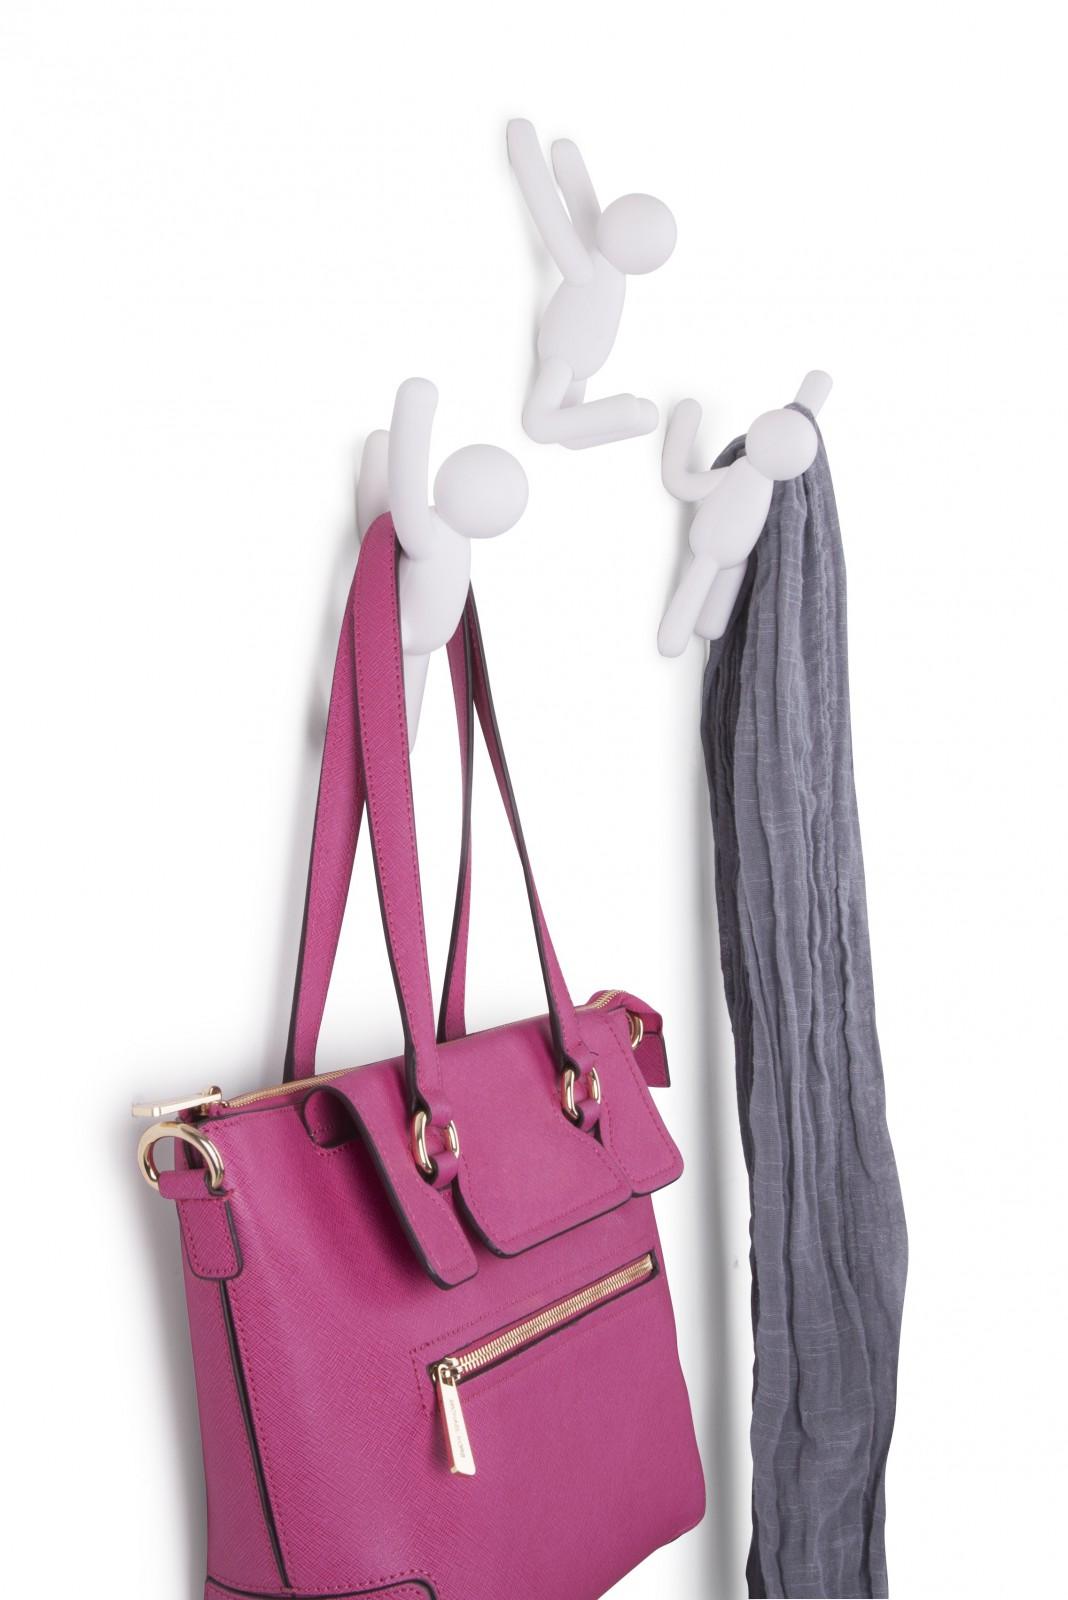 Umbra buddy hook 3er set kletterm nnchen garderobenhaken for Garderobe umbra